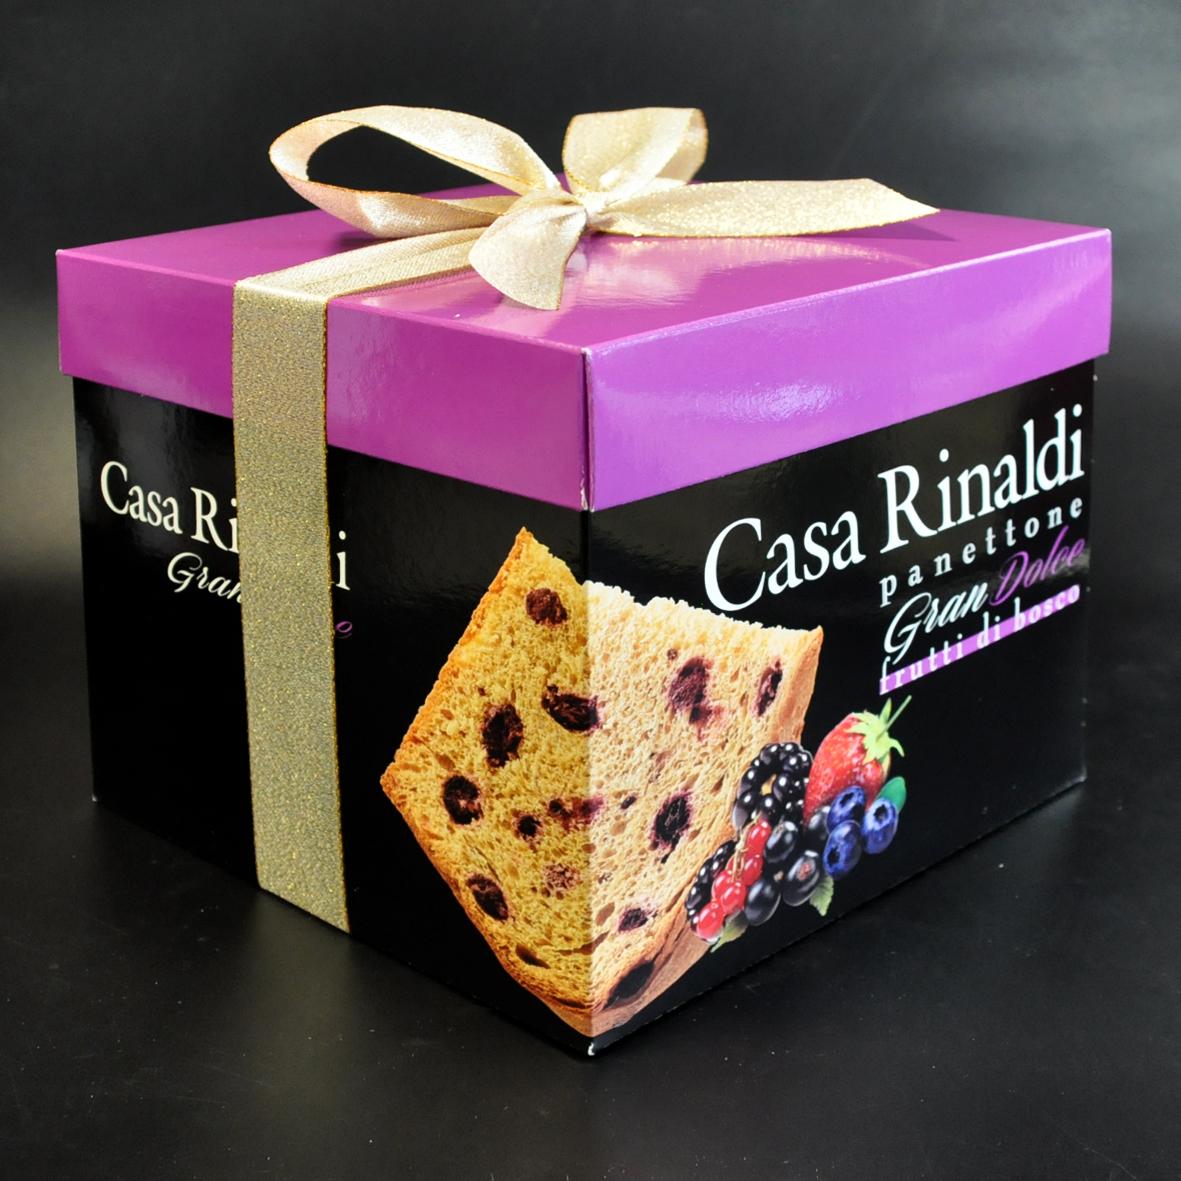 Кулич с кусочками лесных ягод в подарочной коробке Casa Rinaldi 750г